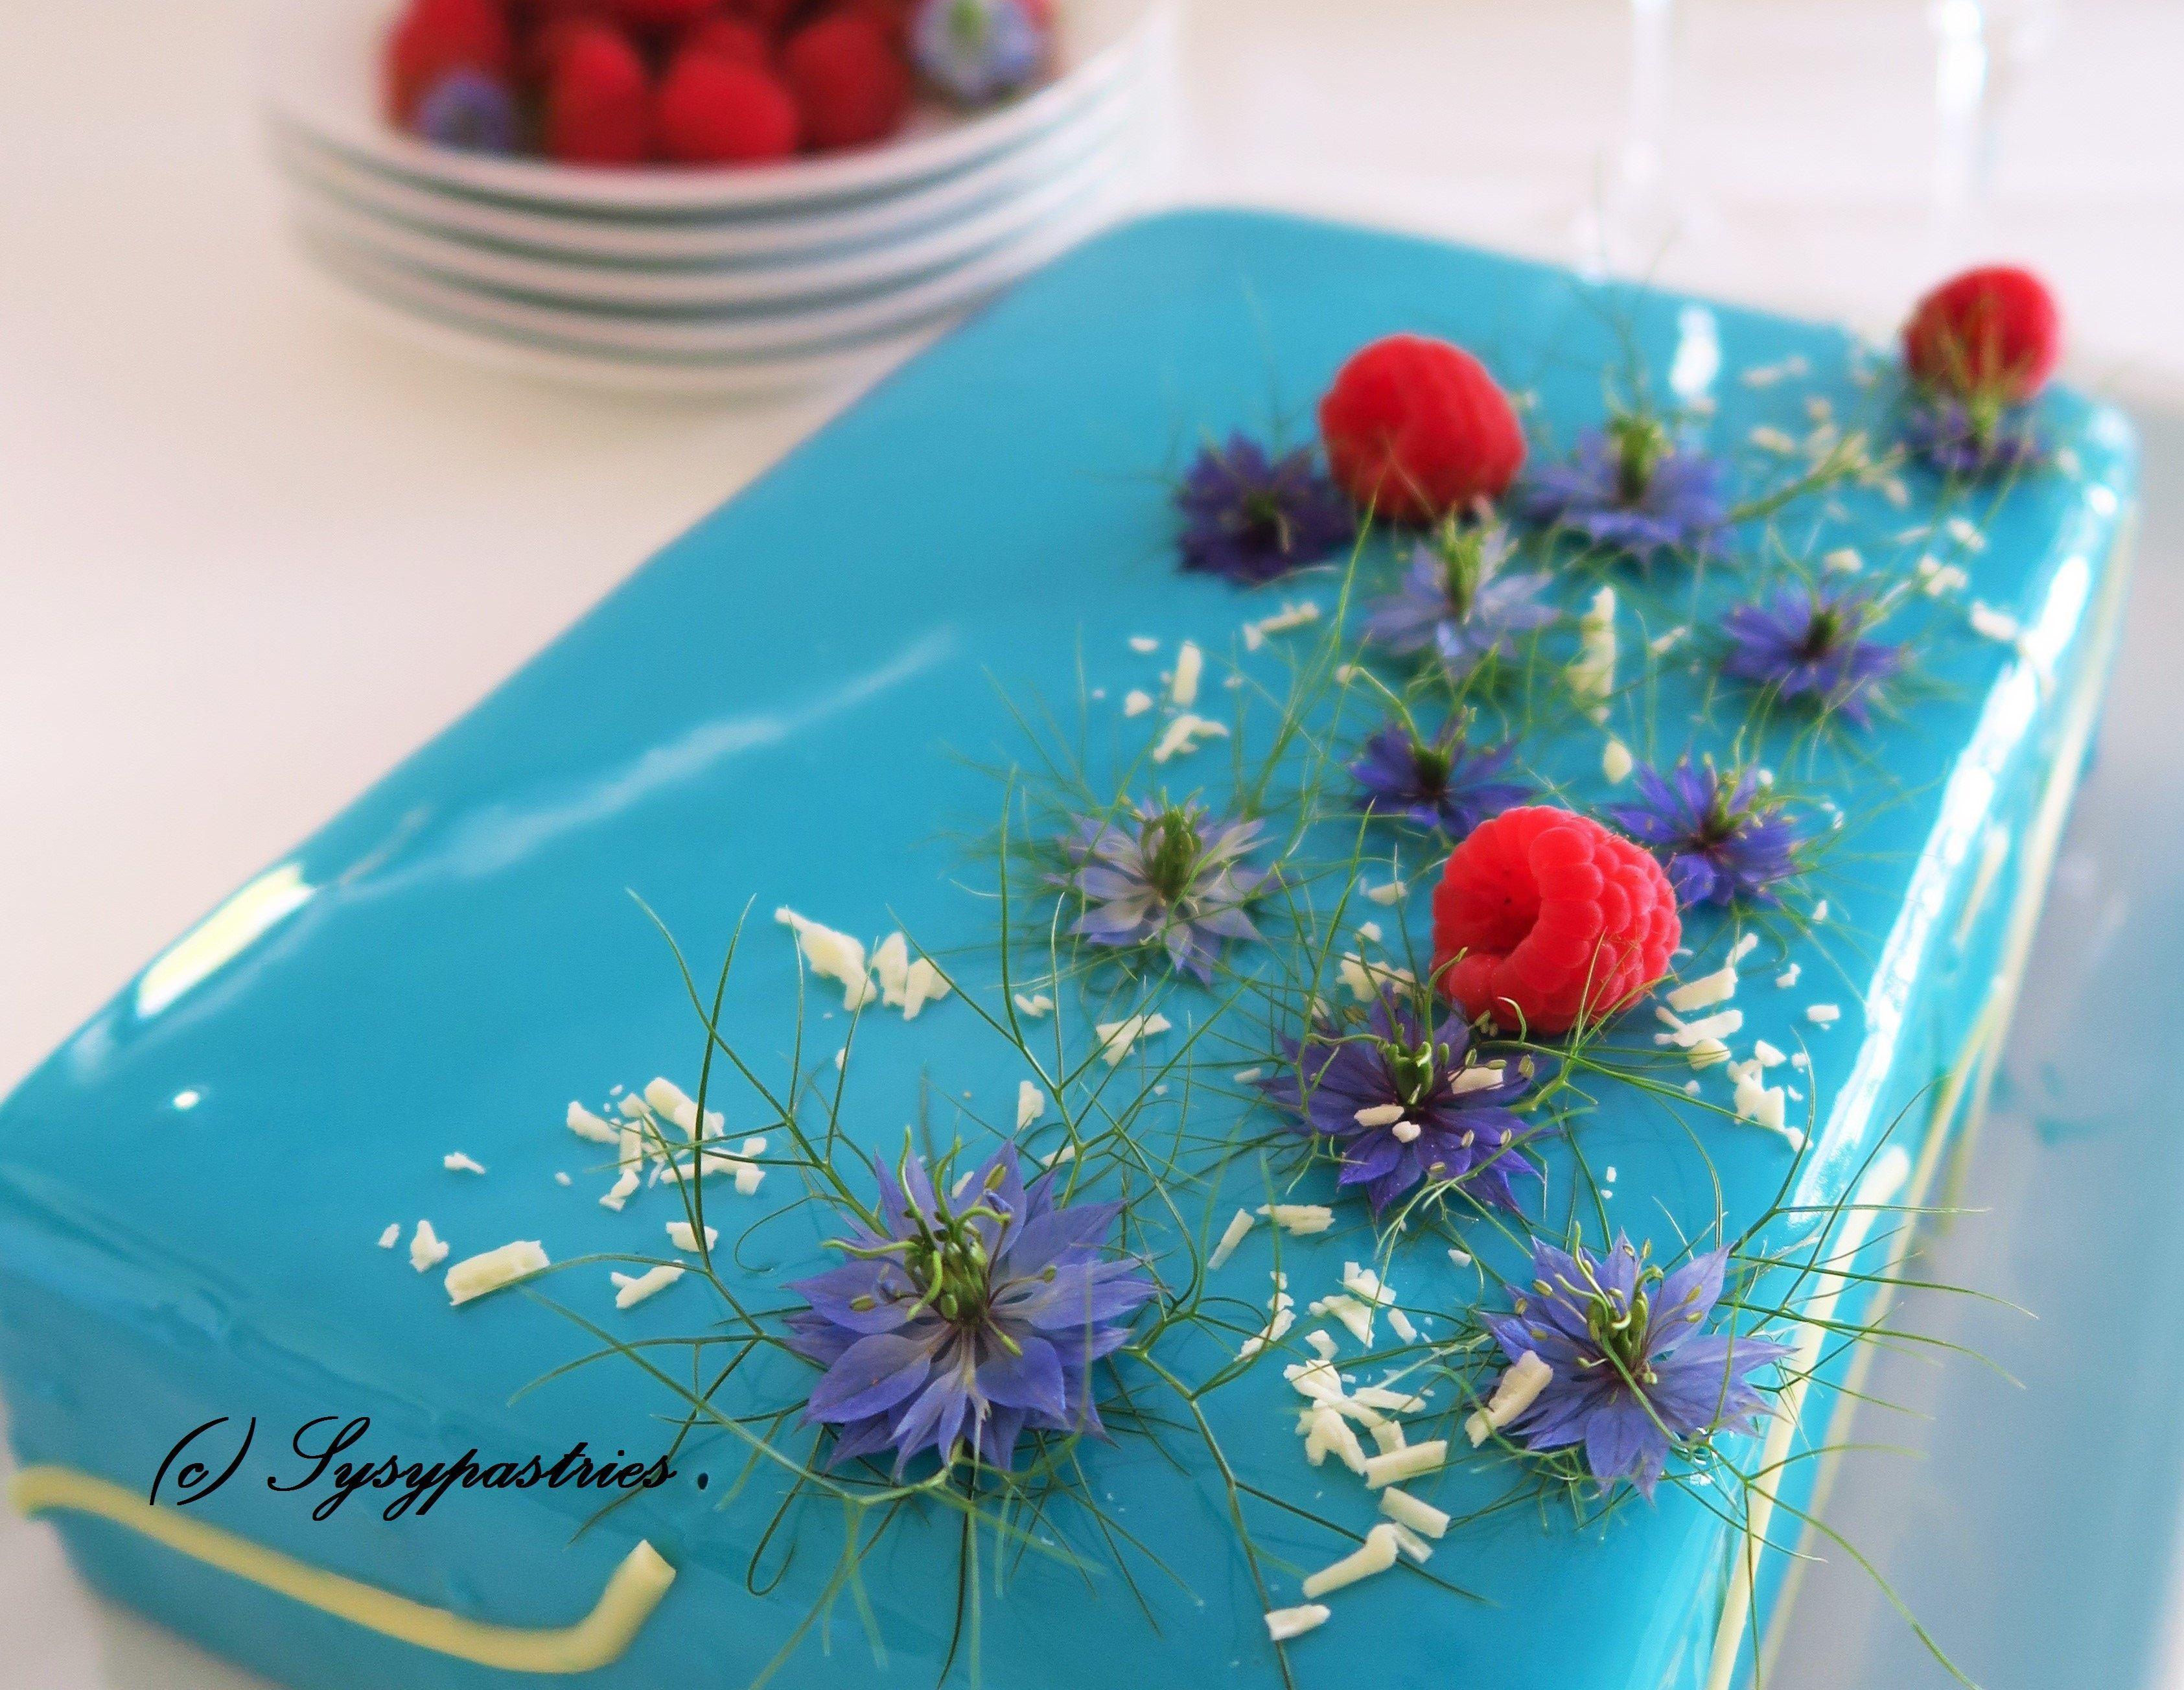 Citron-framboise .... Biscuit madeleine et framboises, crémeux framboise, gélifié framboise, mousse citron, glaçage miroir  bleu... #biscuitmadeleine Citron-framboise .... Biscuit madeleine et framboises, crémeux framboise, gélifié framboise, mousse citron, glaçage miroir  bleu... #biscuitmadeleine